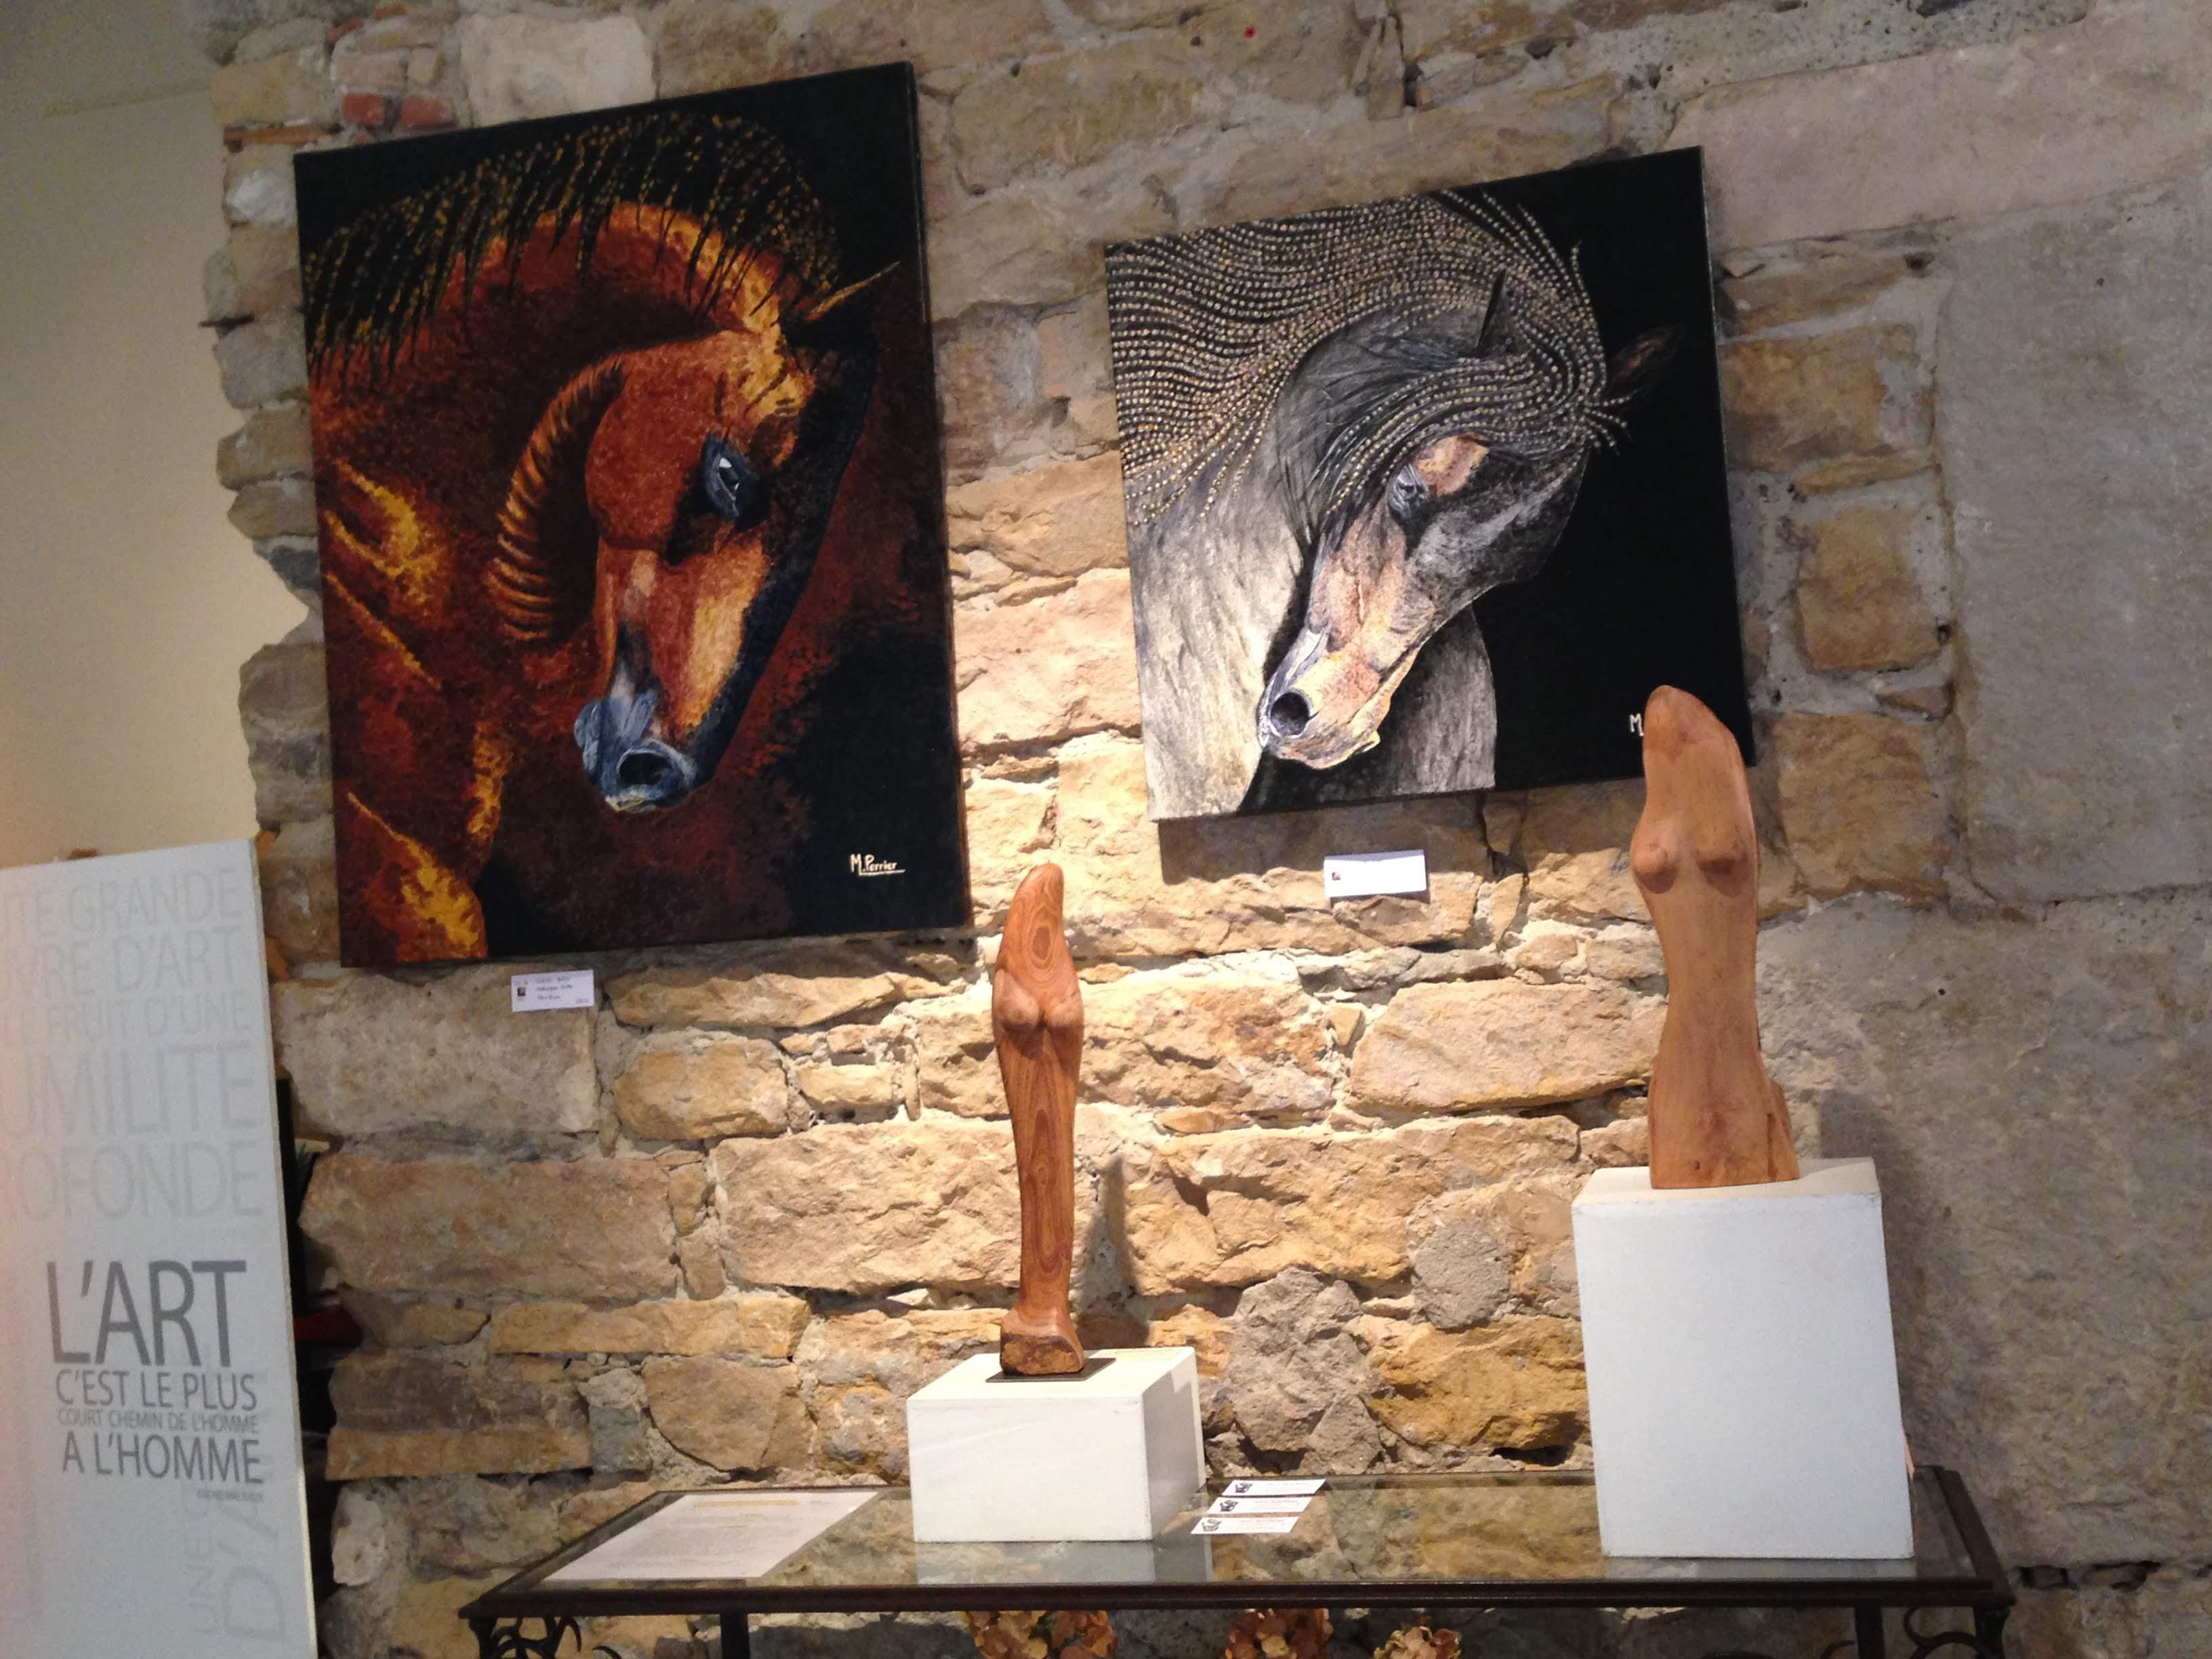 exposition lyon galerie de la tour - juillet 2018 - michel perrier